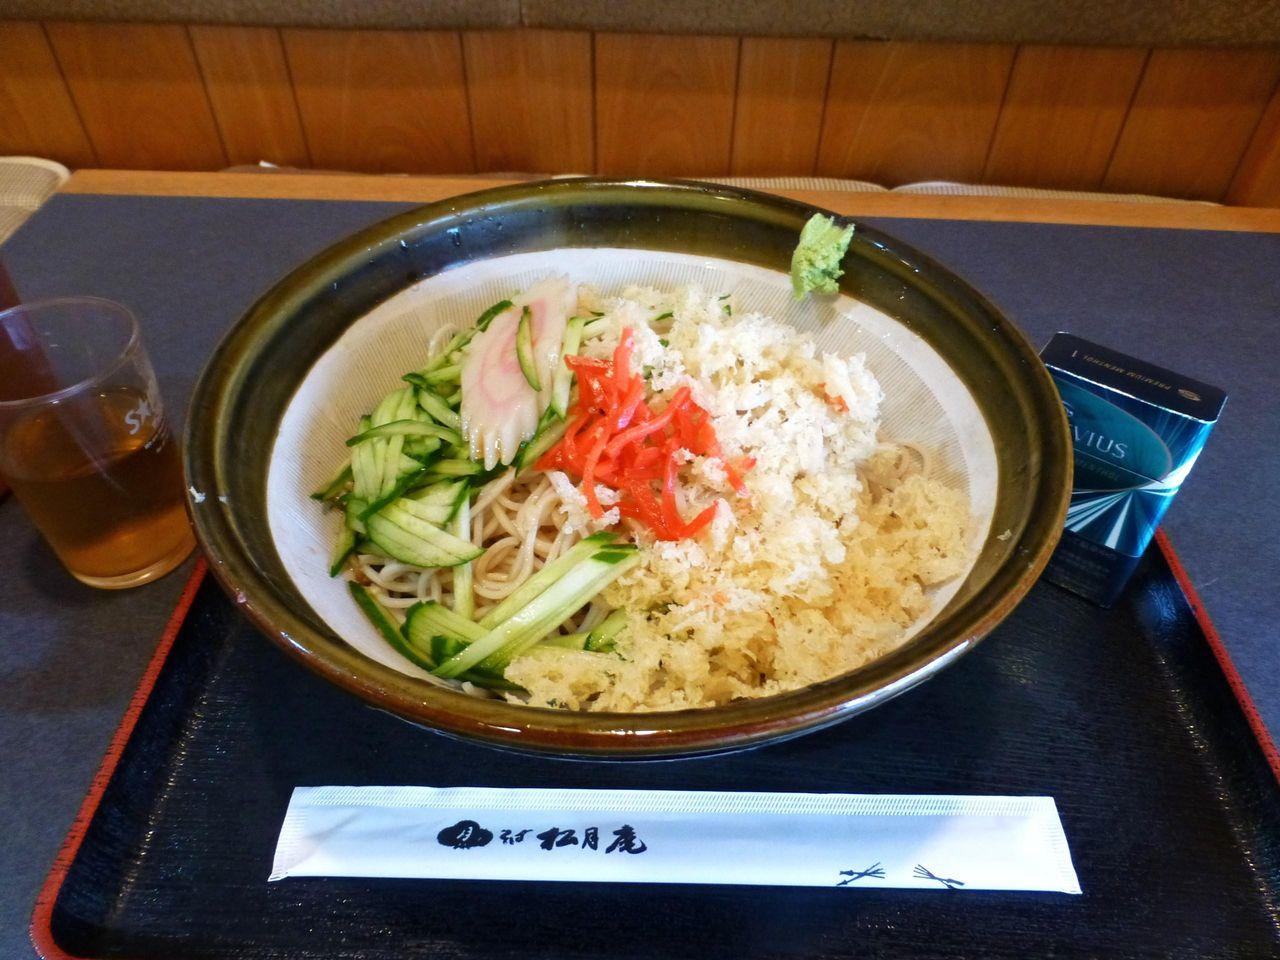 松月庵のメガ冷たぬきそば900円!